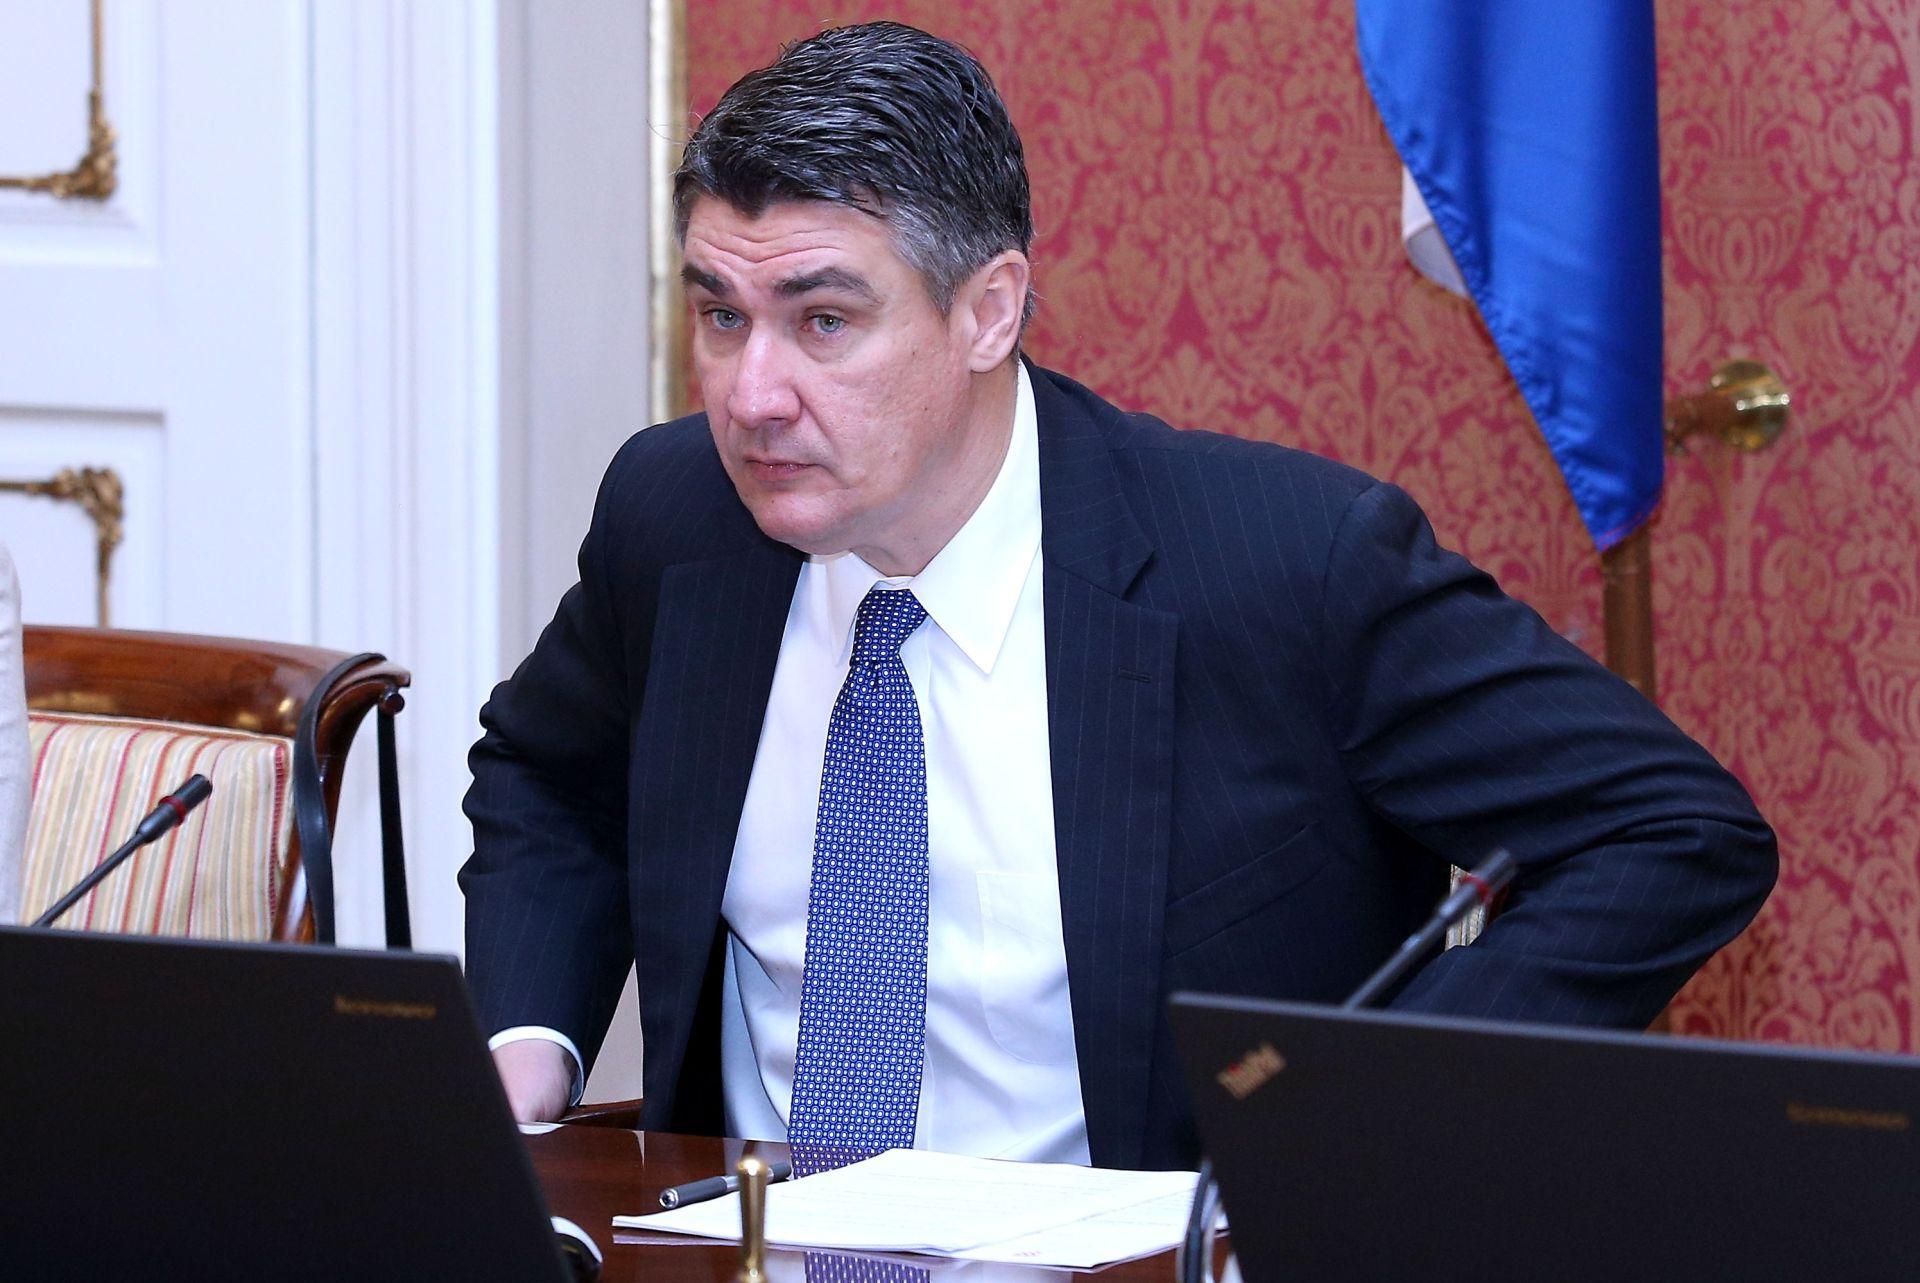 MILANOVIĆ O PITANJU MIGRANATA Hrvatska spremna prihvatiti manji broj izbjeglica